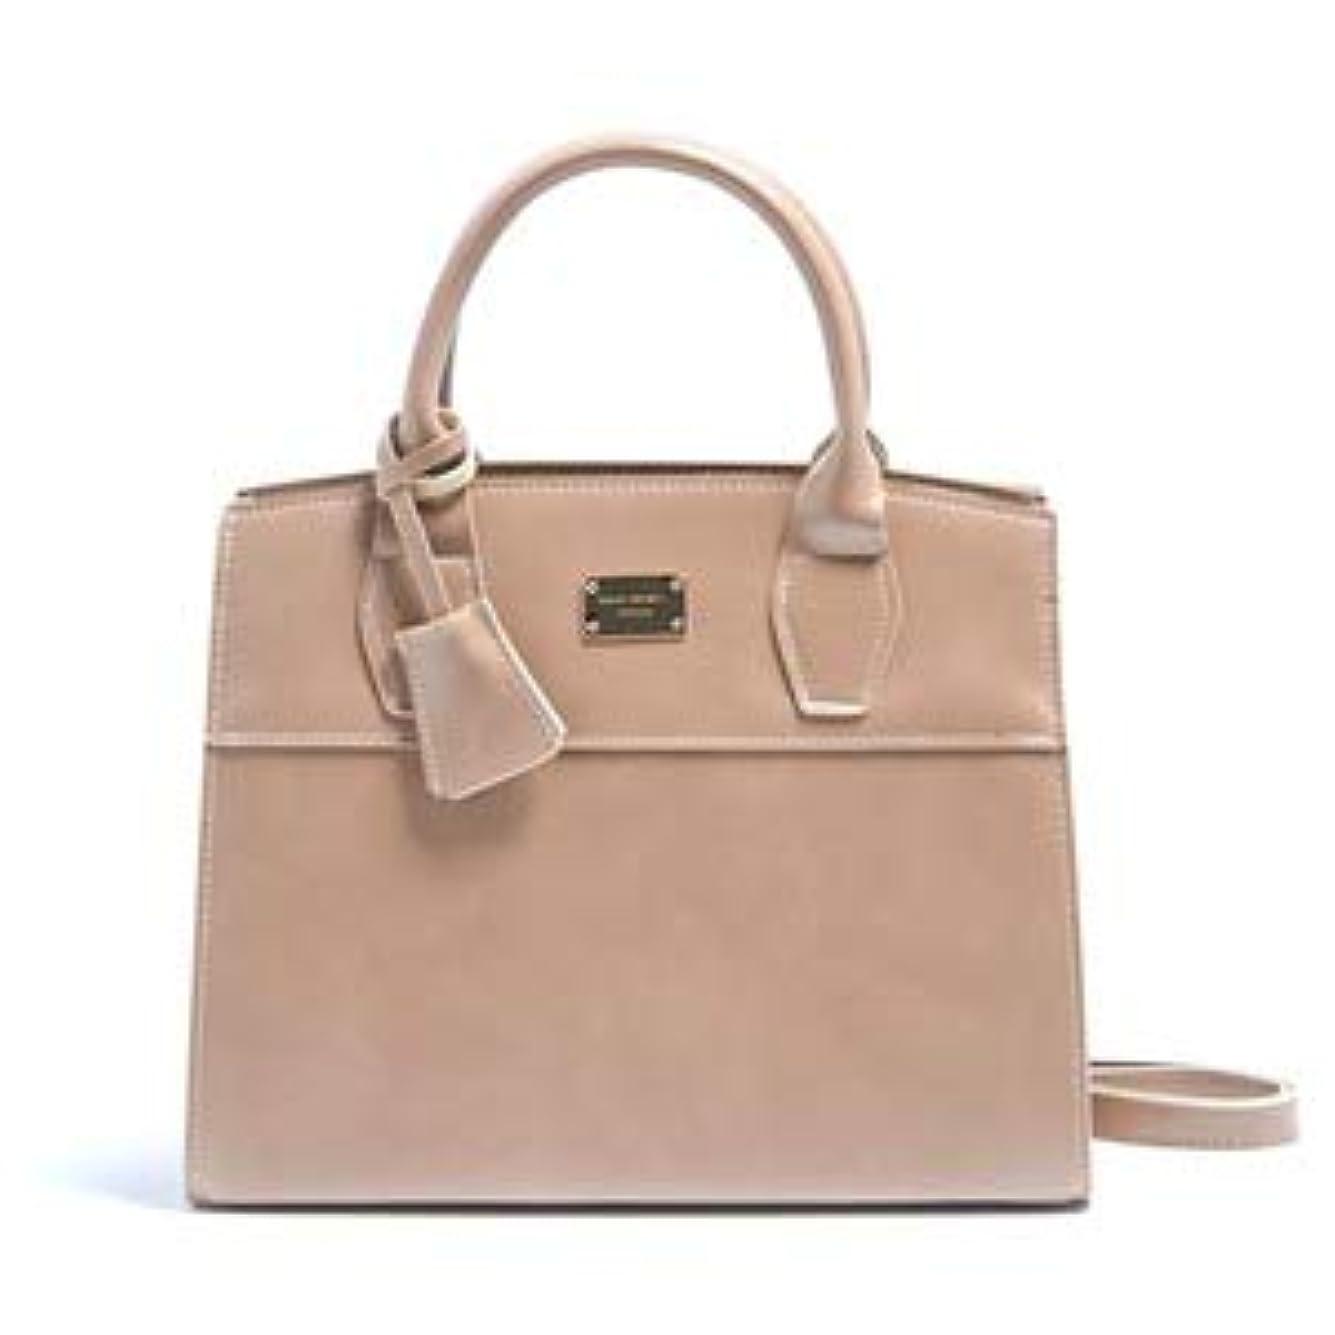 ホイストミスペンドゴミ2Wayキレイ色の上品なミニハンドバッグ/ベージュ